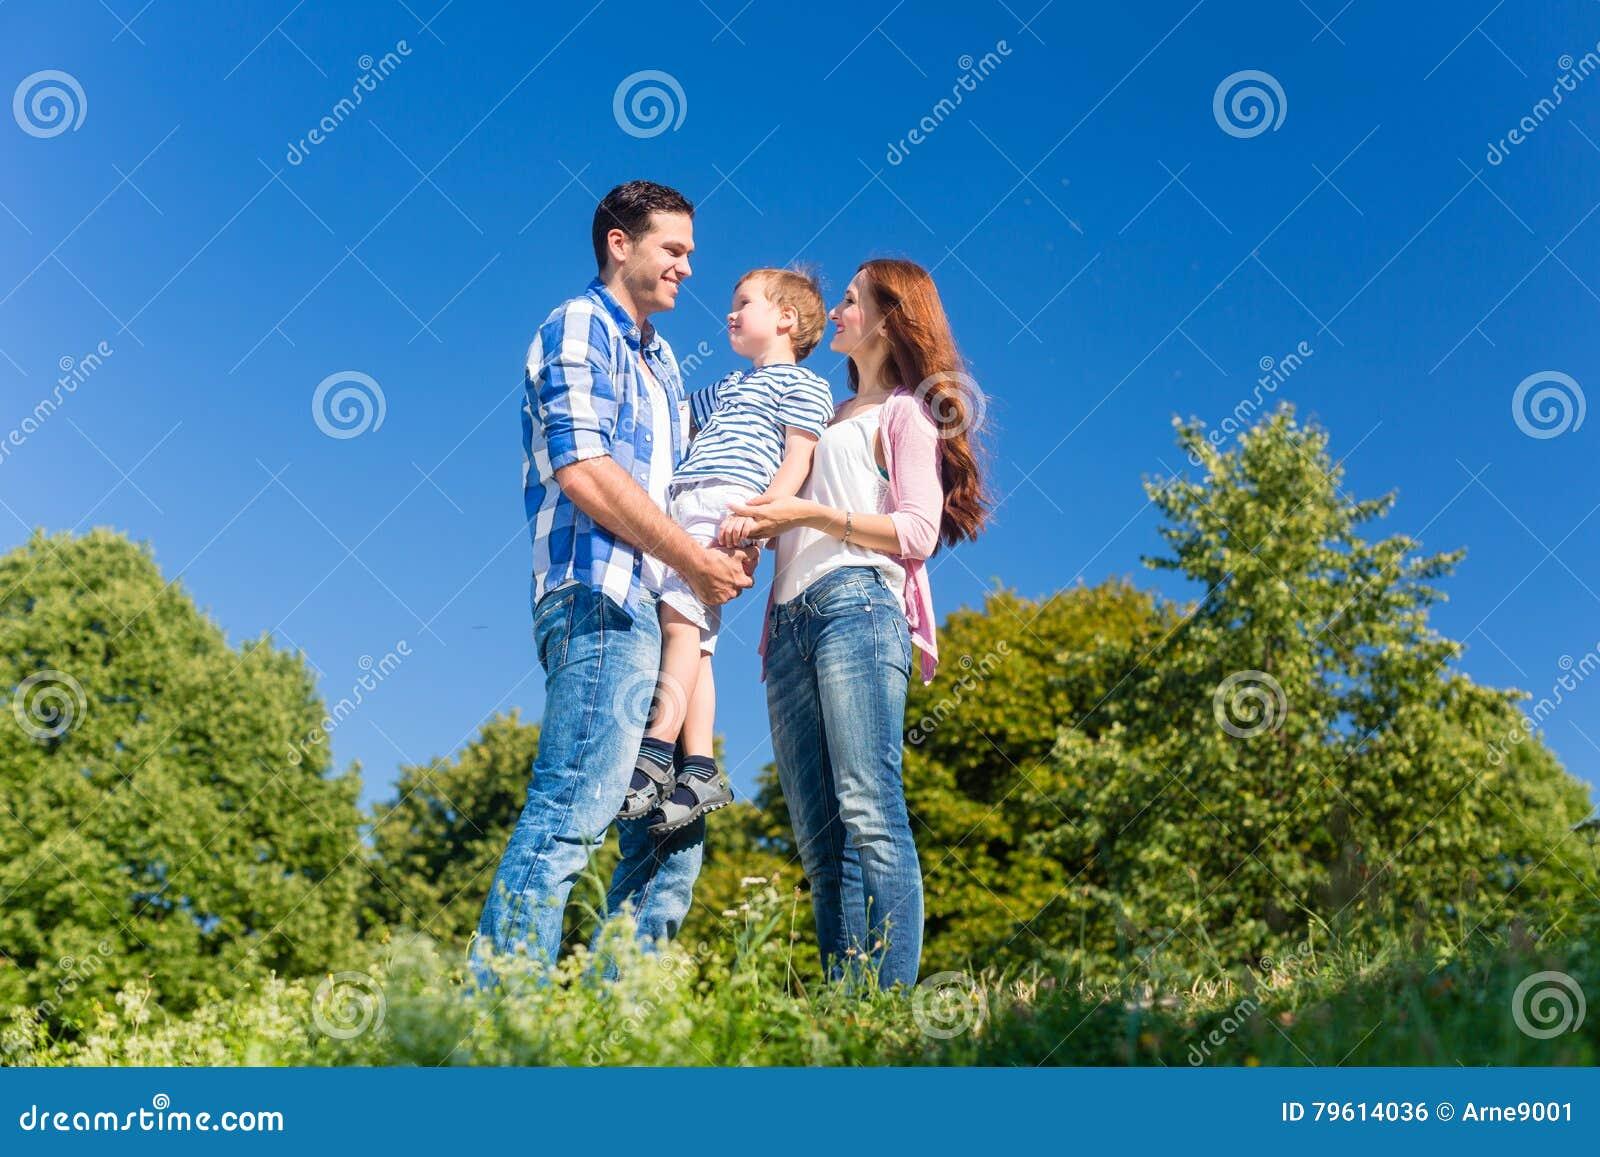 Criança levando da família, pais que estão no prado